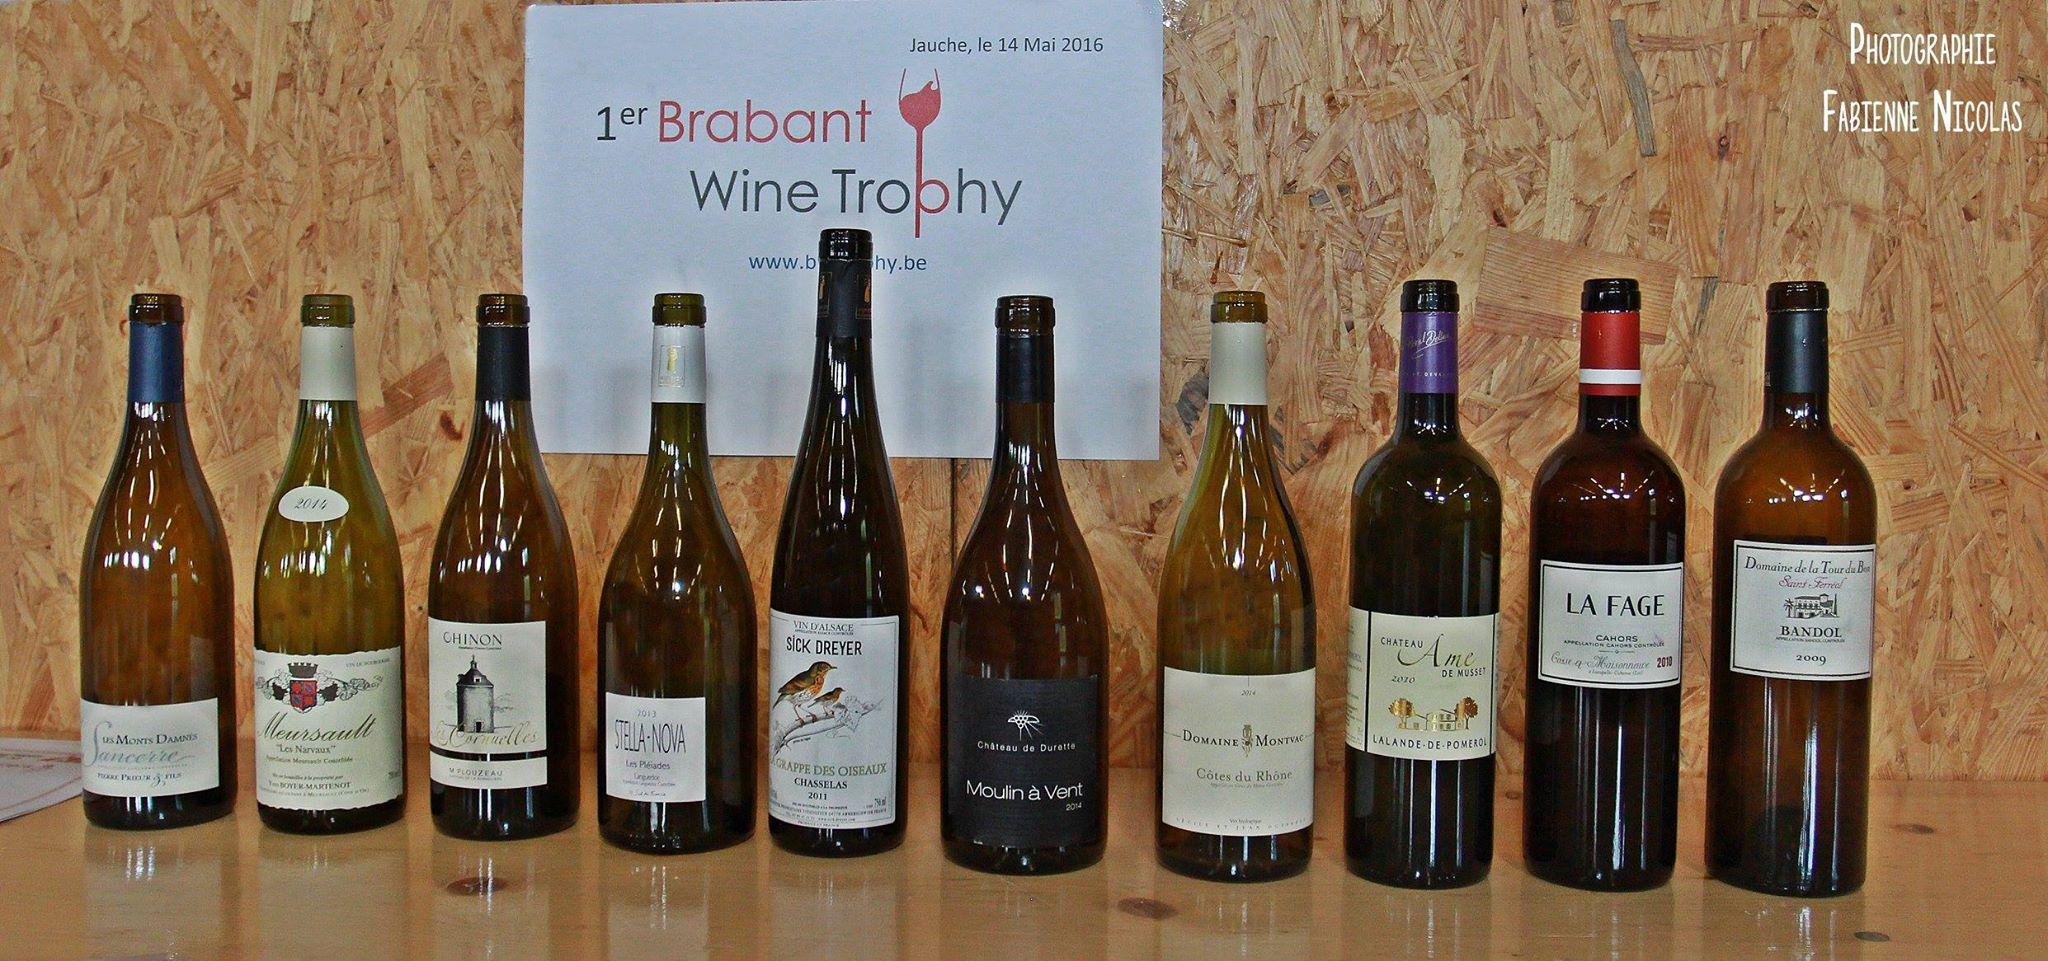 Brabant Wine Trophy: Nouveau Concours Oenologique En